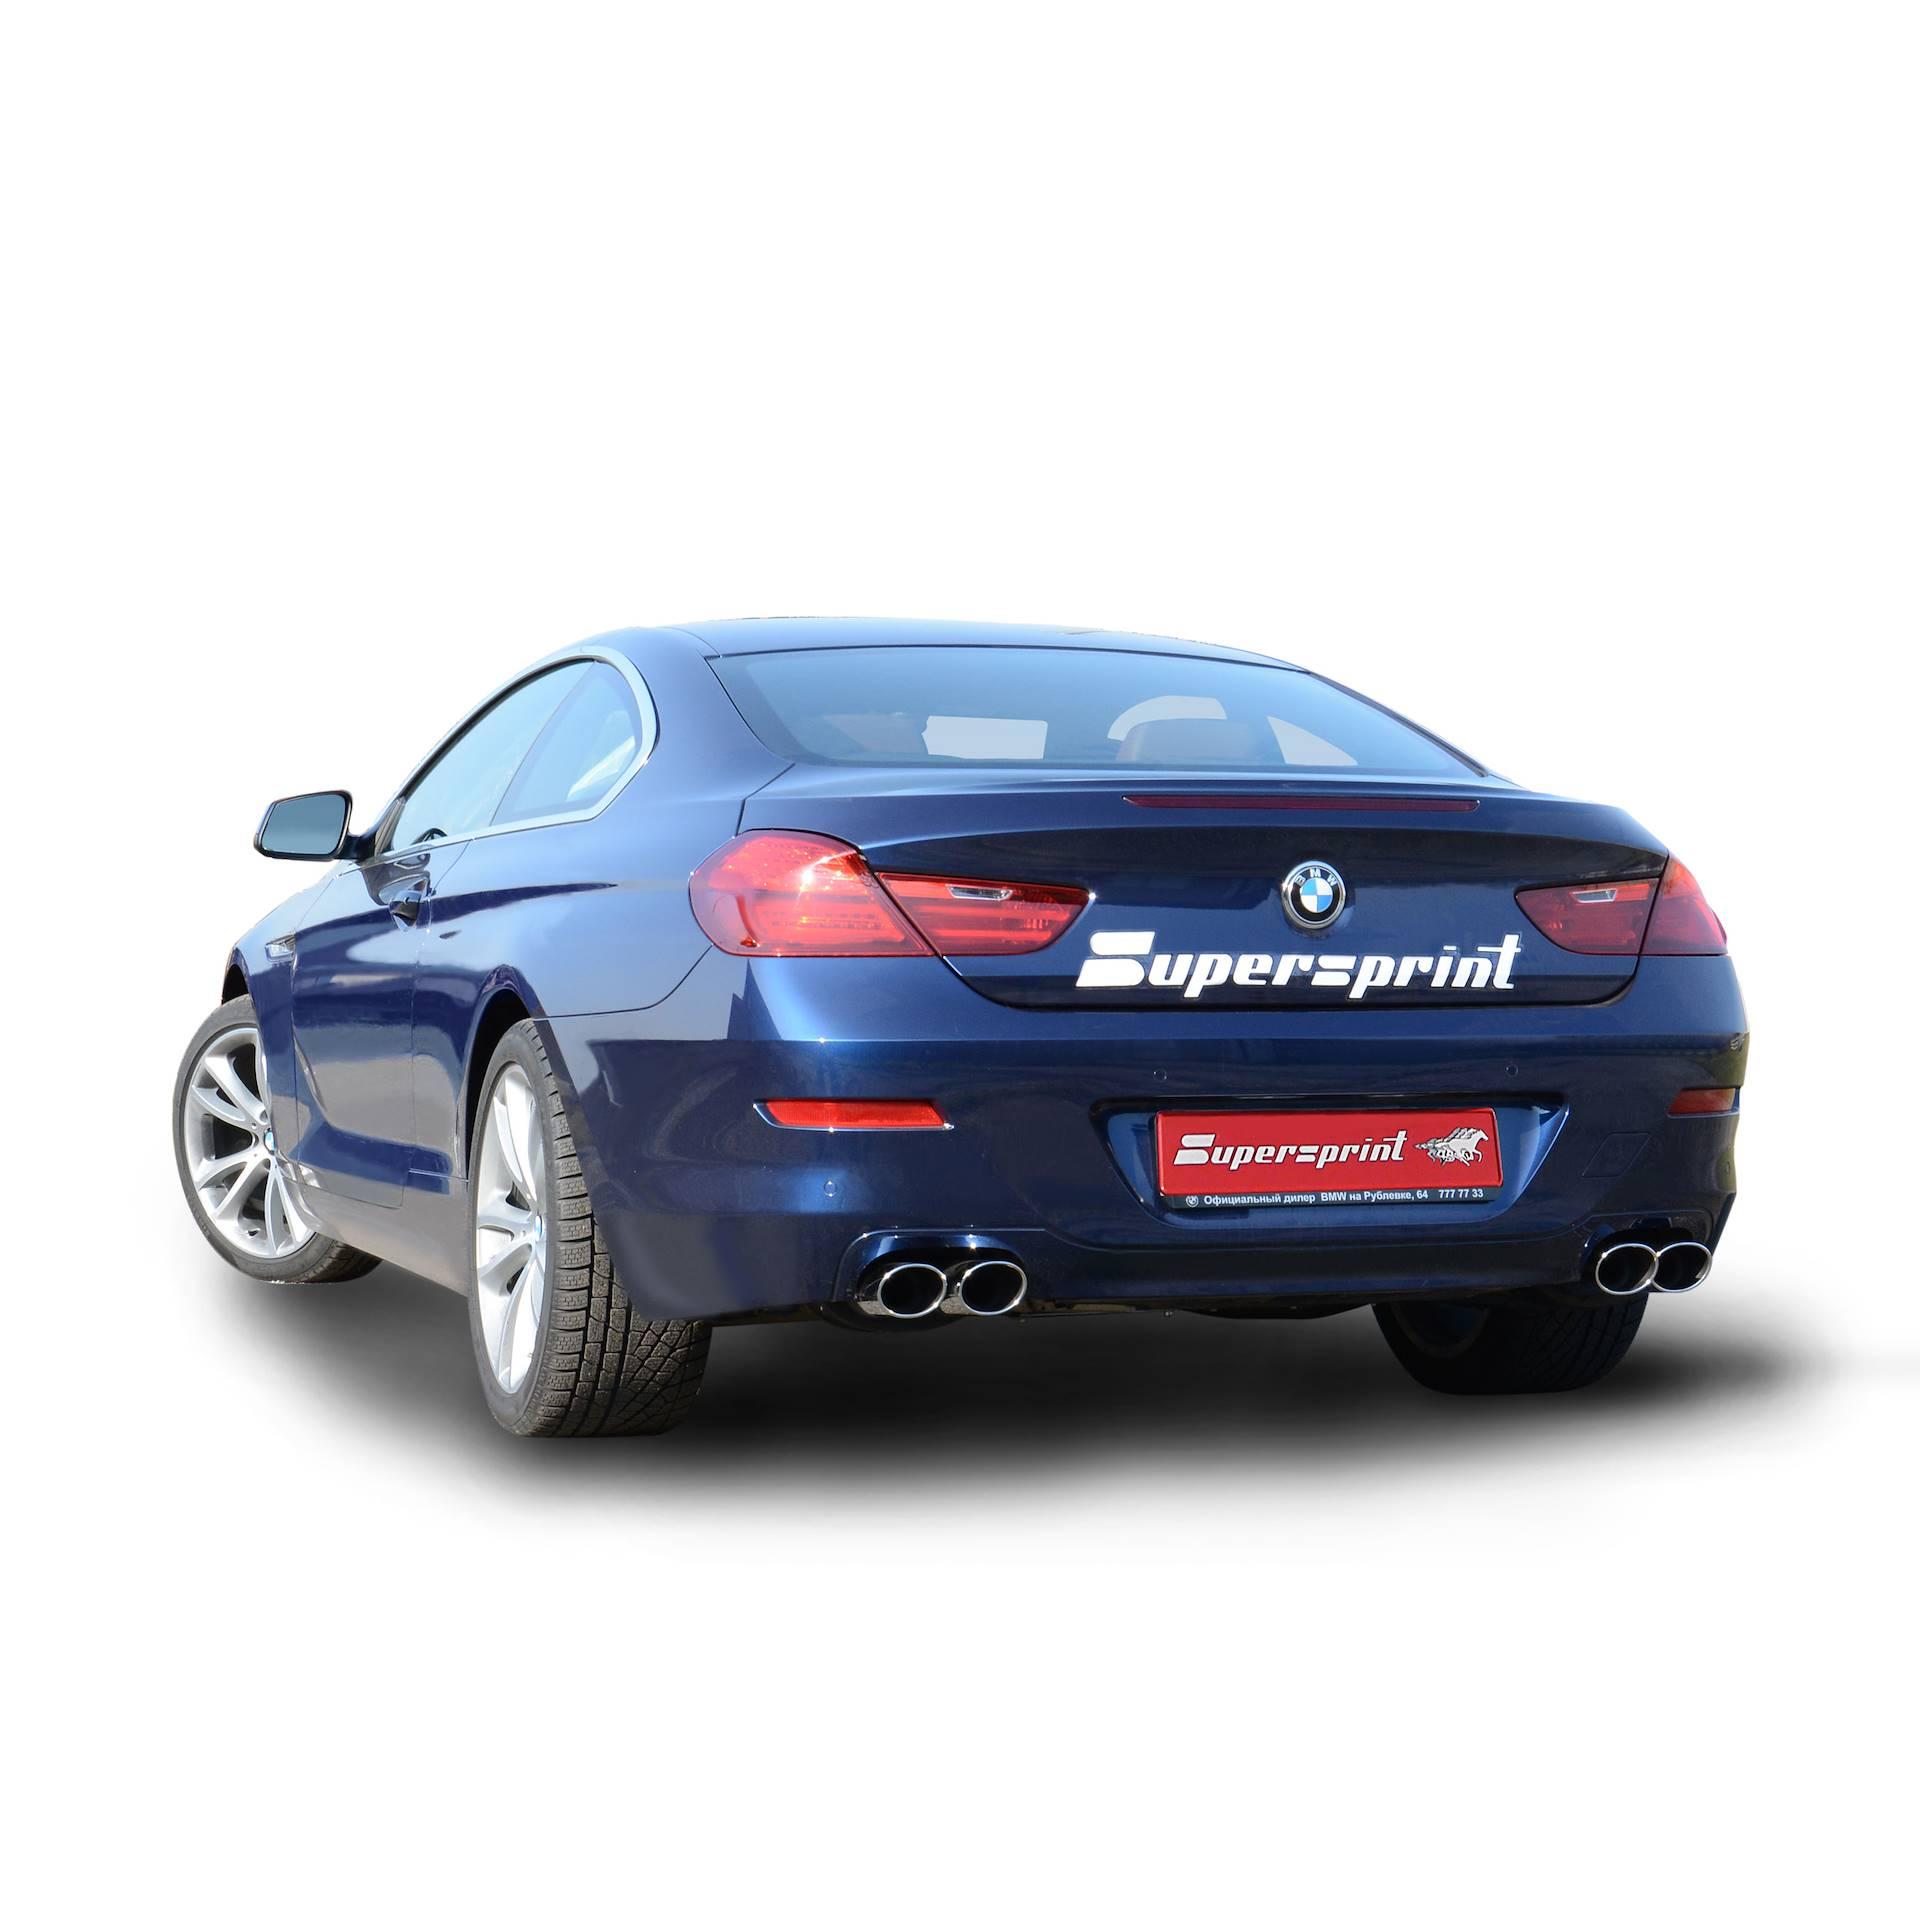 Bmw Xdrive 650i: BMW F12 / F13 640i 2011 ->, BMW, Exhaust Systems